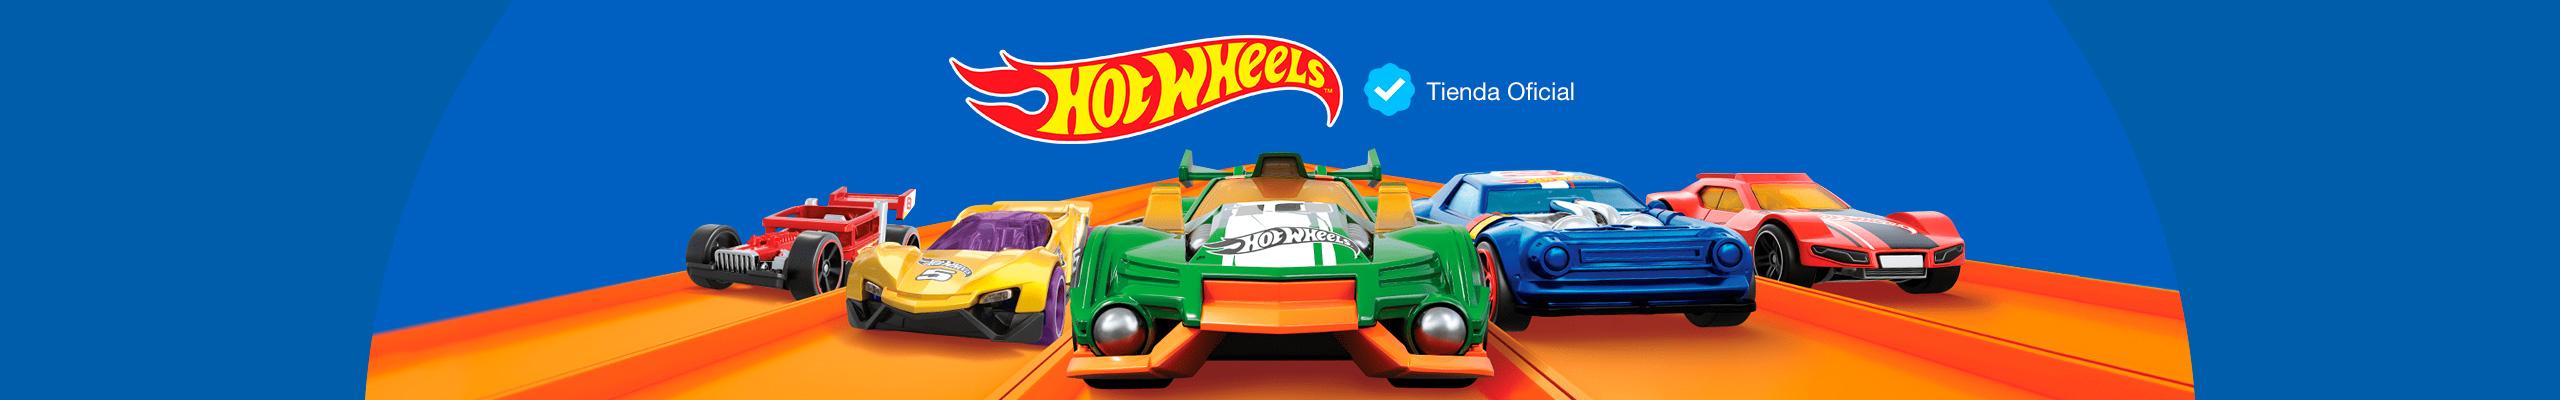 Hot Wheels Tienda Oficial al mejor precio solo en loi